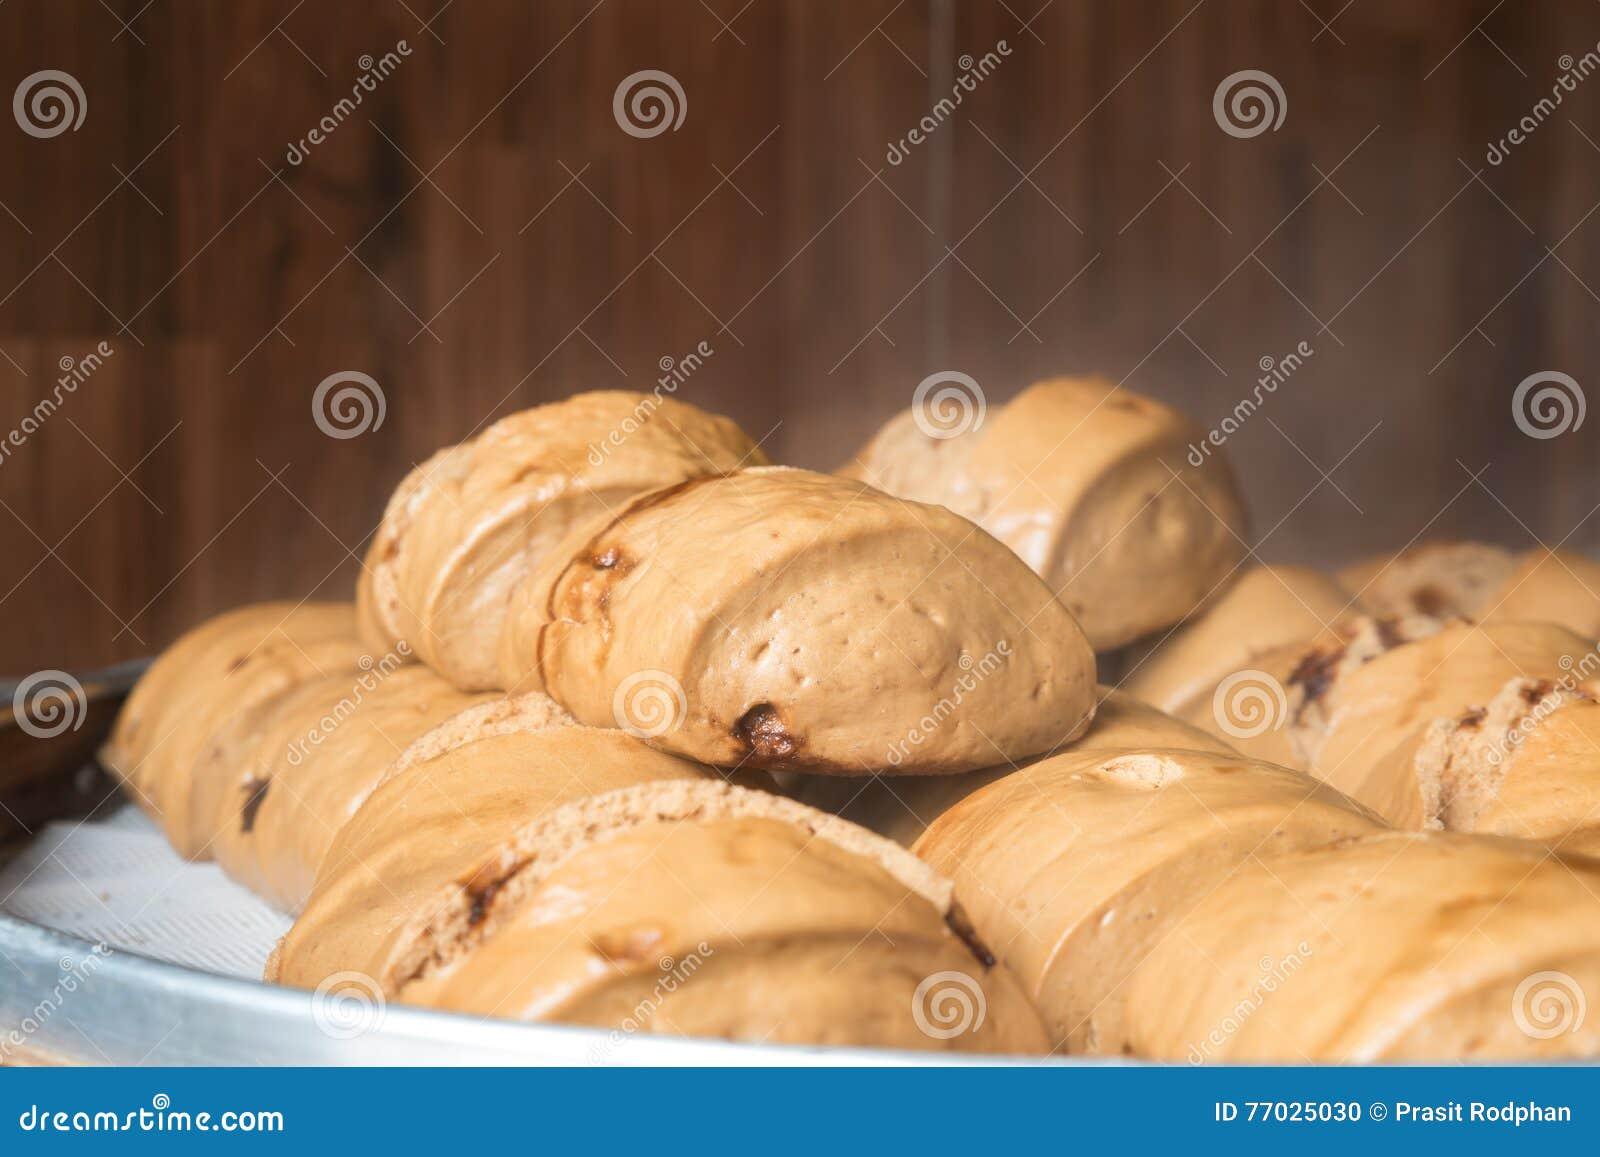 汉语蒸了小圆面包或馒头山竹篮子的在市场上